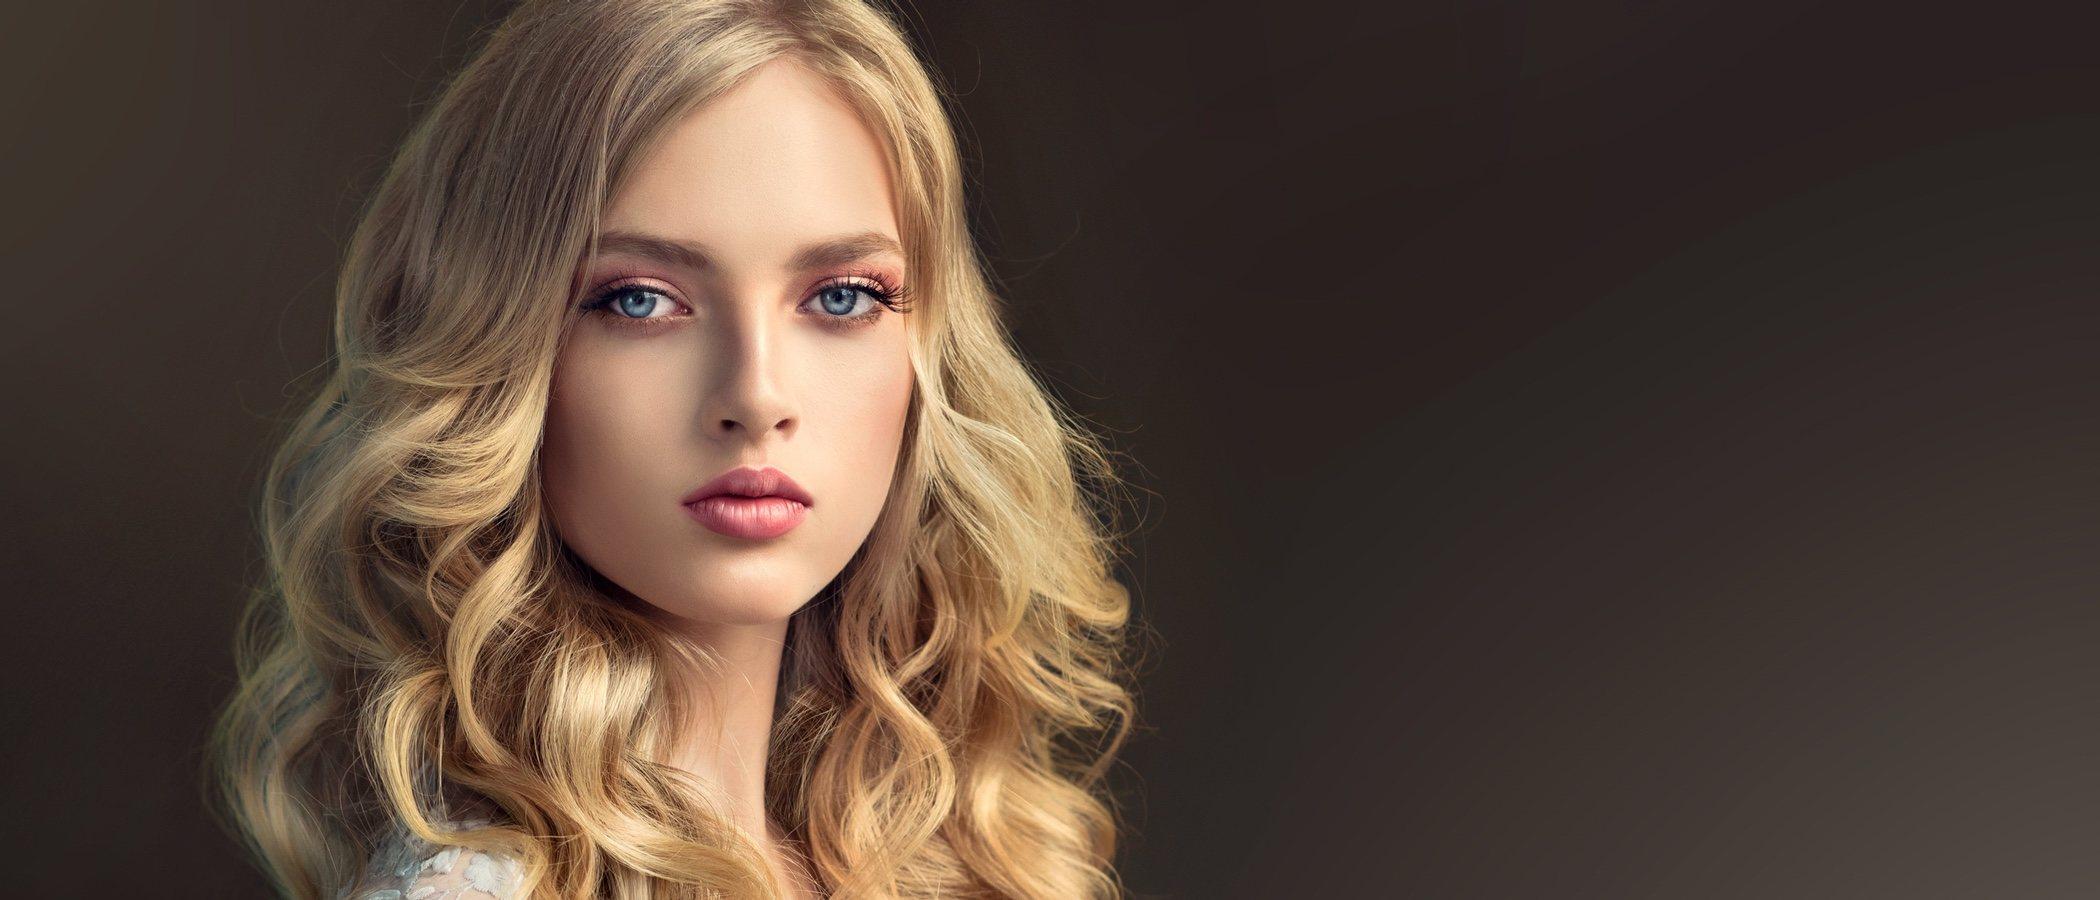 Ojos verdes: ¿qué sombra de ojos me va mejor?